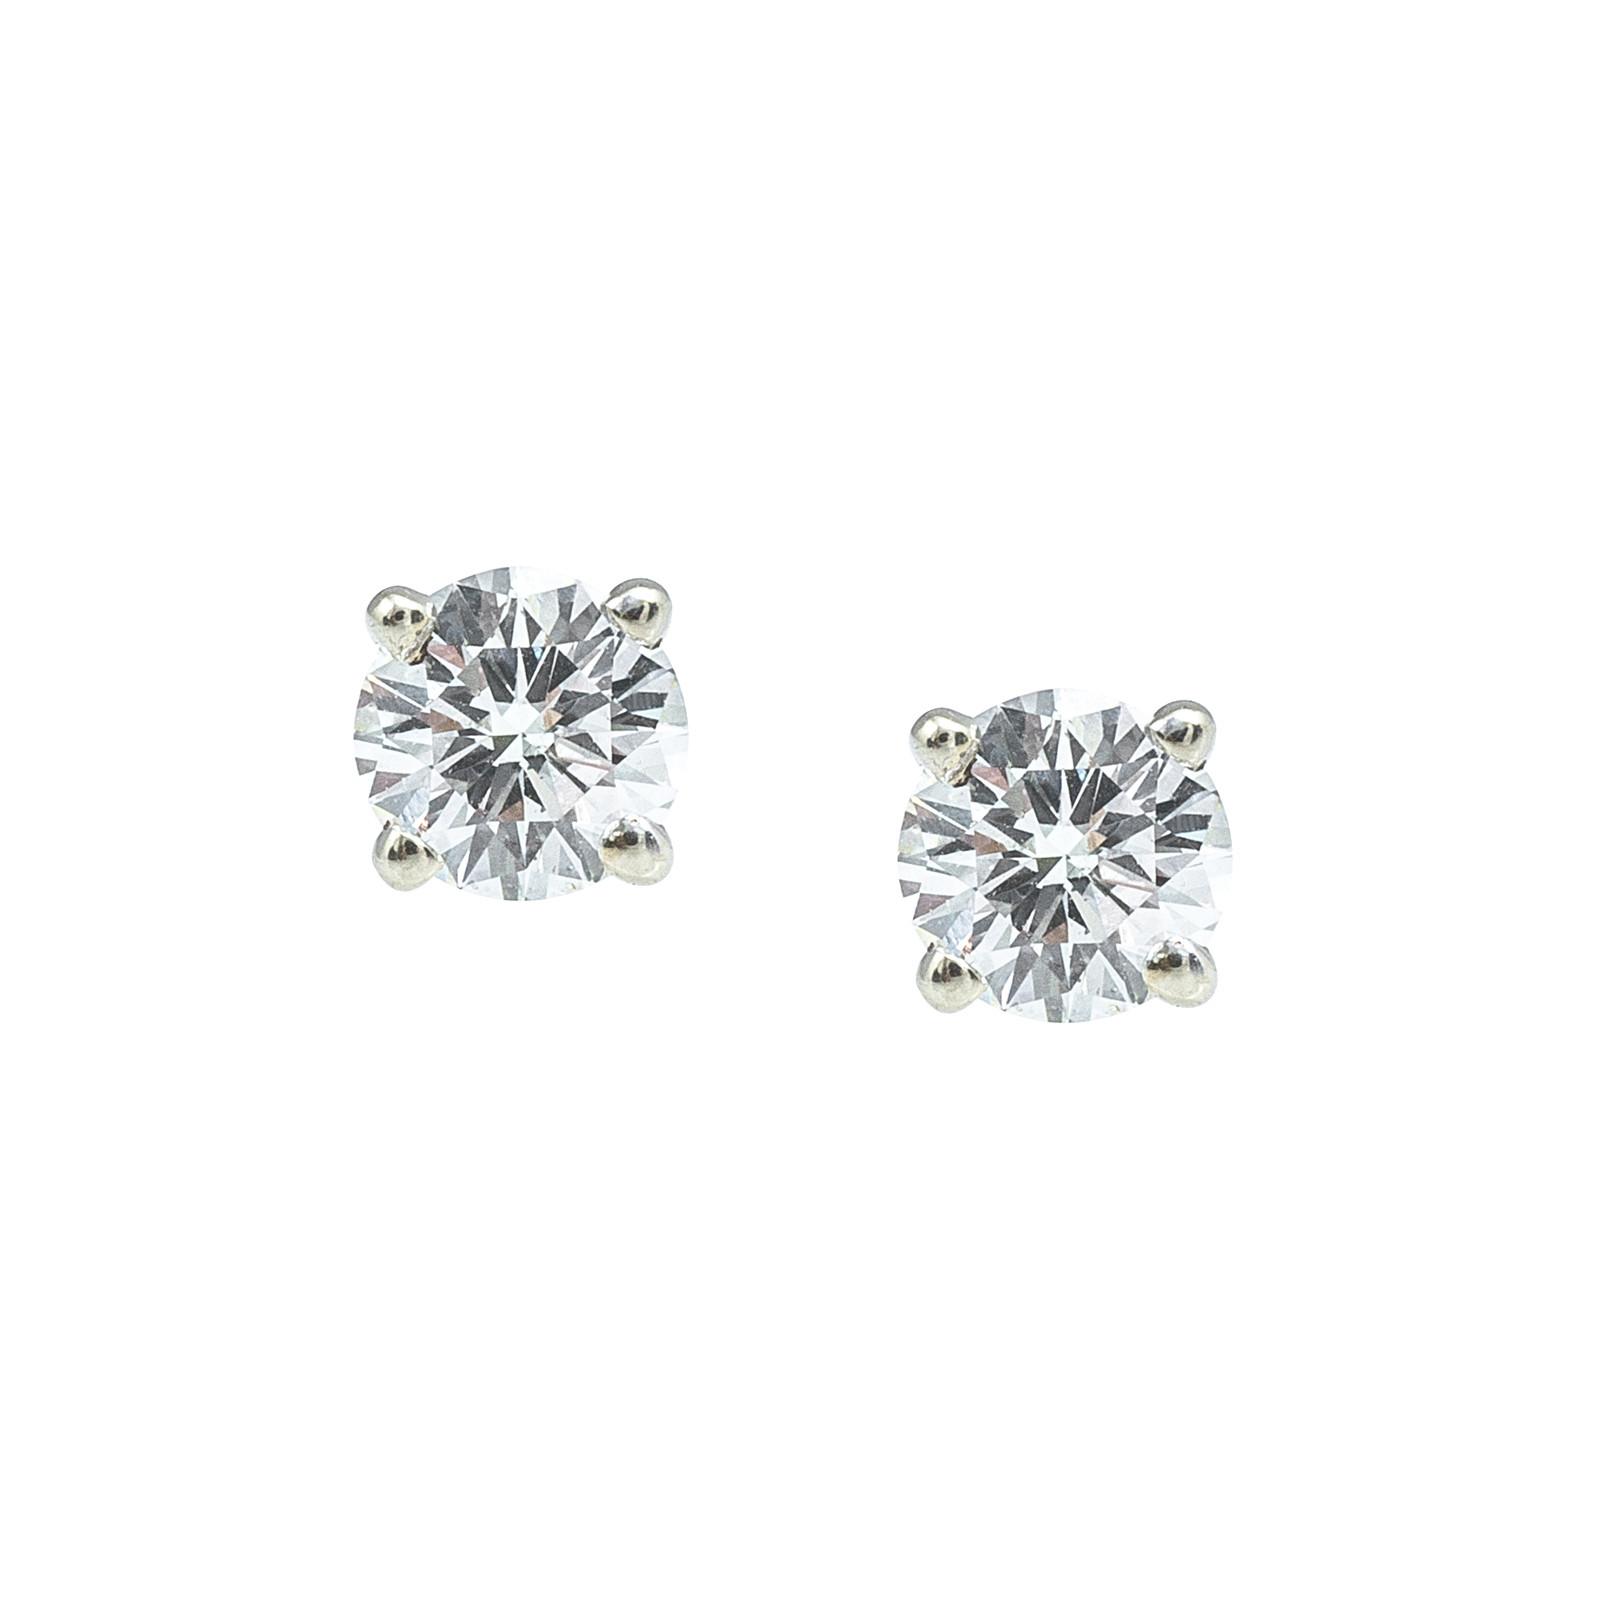 Vintage 1.02 CTW Diamond Stud Earrings